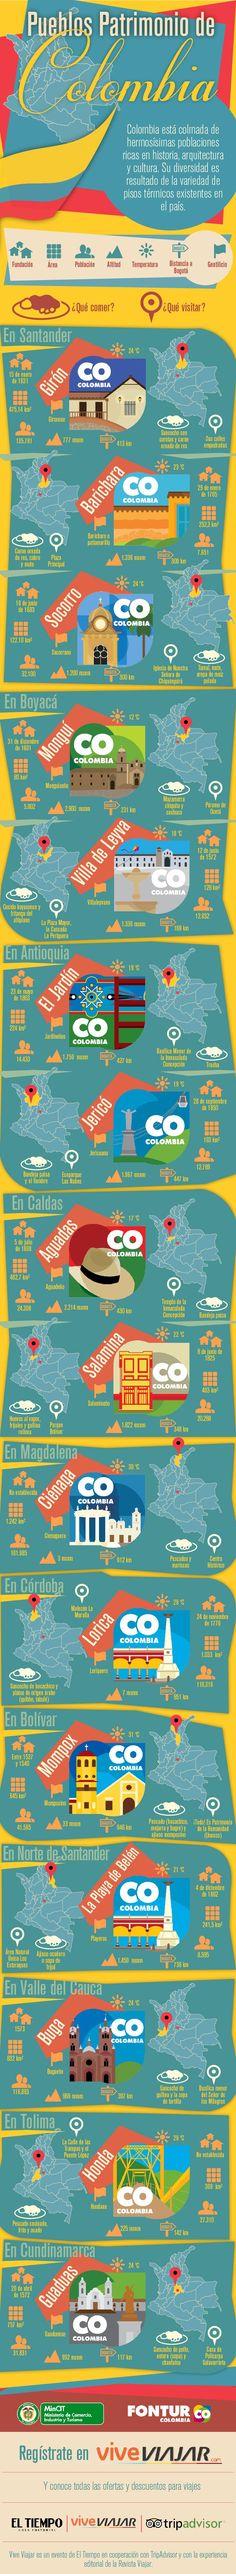 Hola: Una infografía sobre Pueblos patrimonio de Colombia. Vía Un saludo Cali Colombia, Visit Colombia, Colombia South America, Colombia Travel, South America Travel, Country Landscaping, Travel Info, Teaching Spanish, Countries Of The World